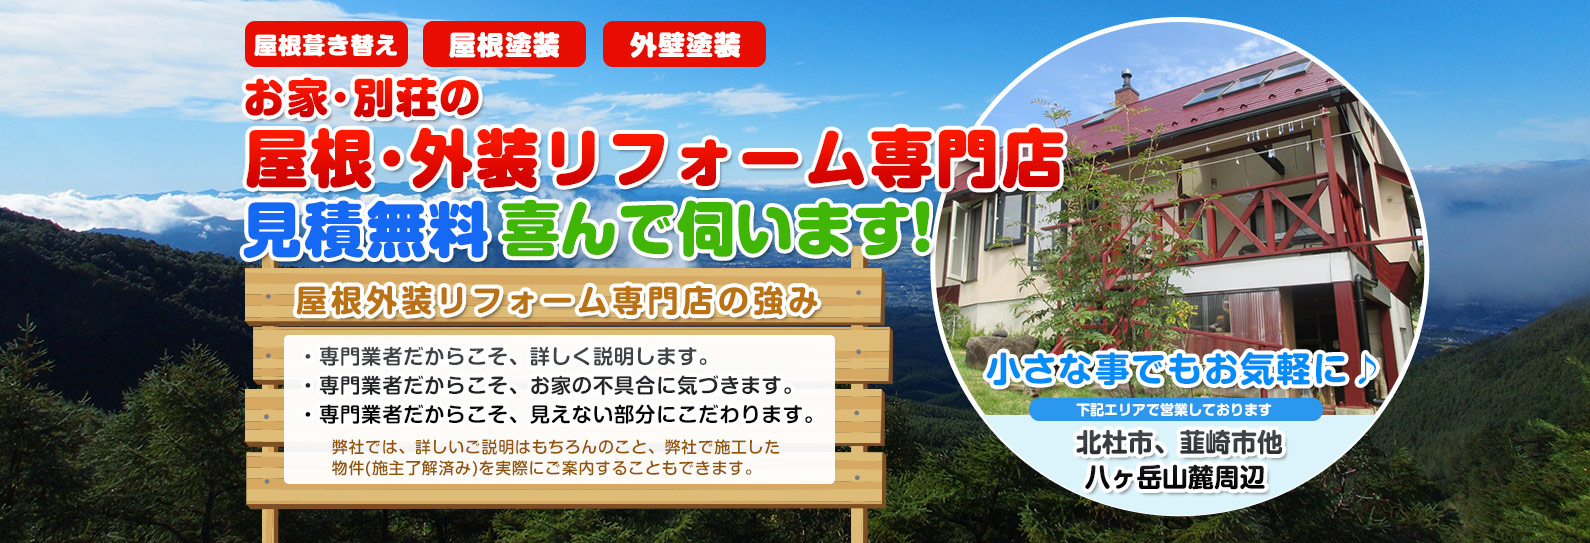 塗装・屋根葺き替え見積無料で喜んで伺います。